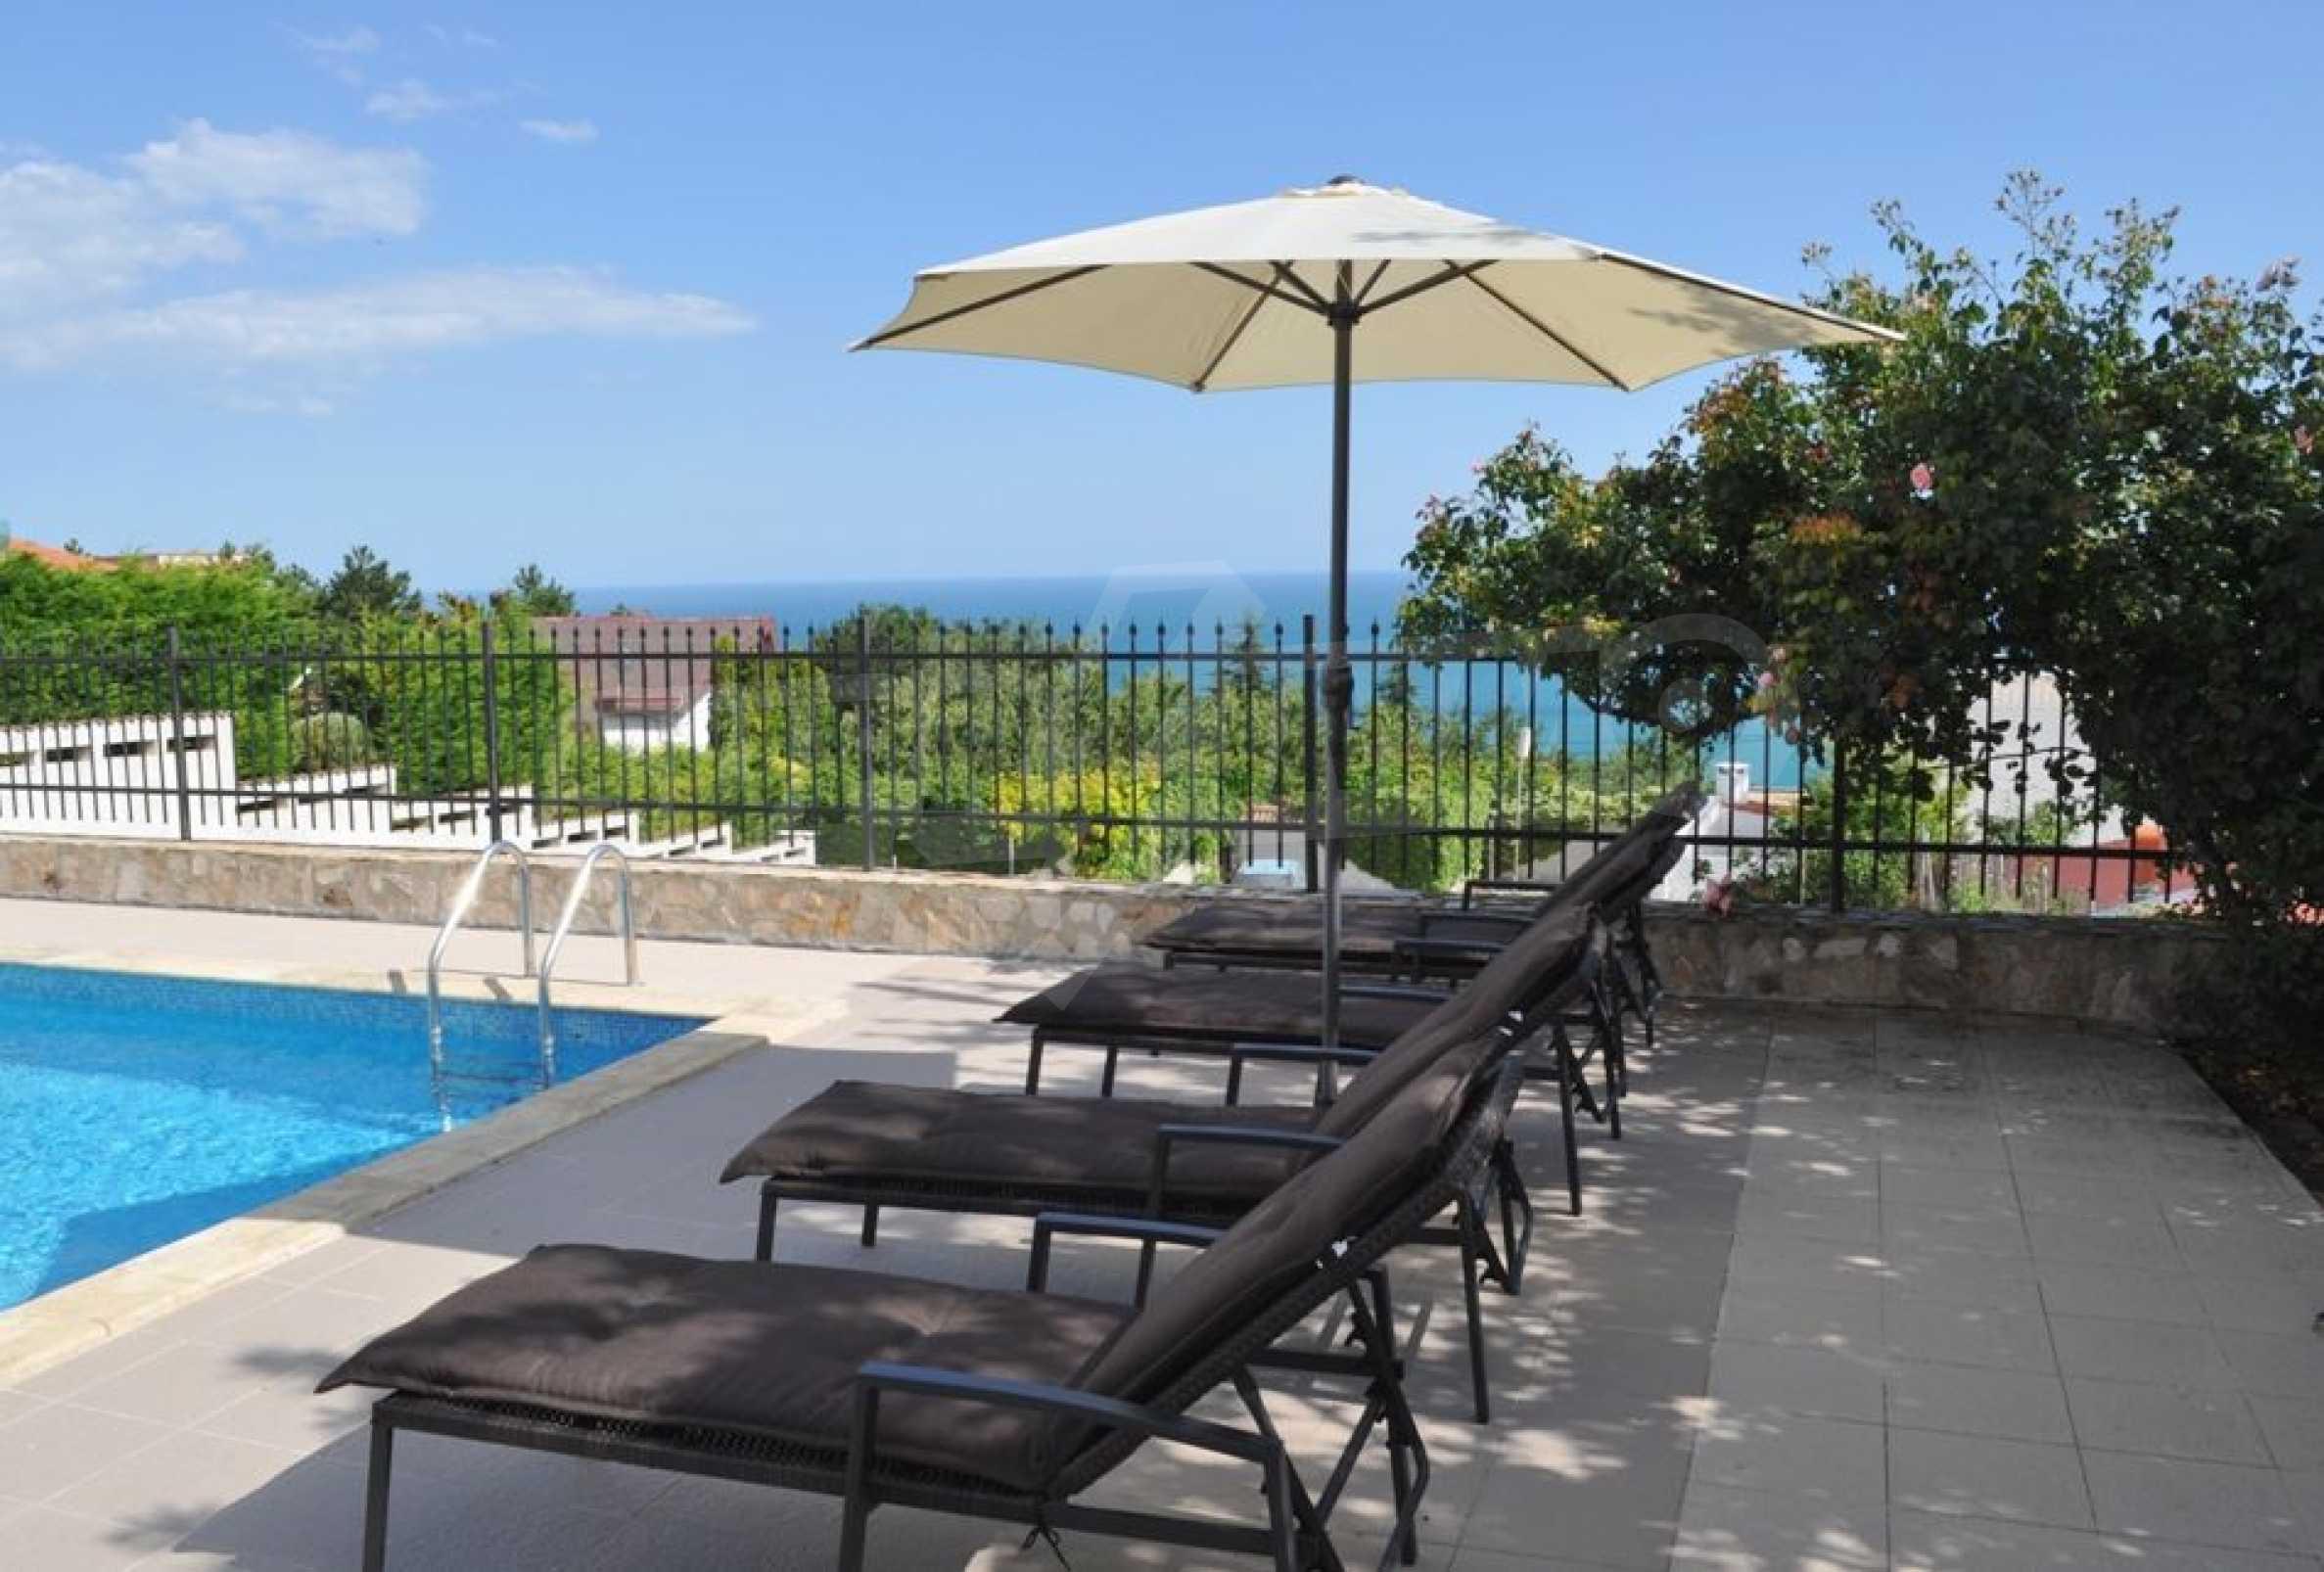 Luxusvilla mit 4 Schlafzimmern zu vermieten in der Nähe des Resorts. Albena 26